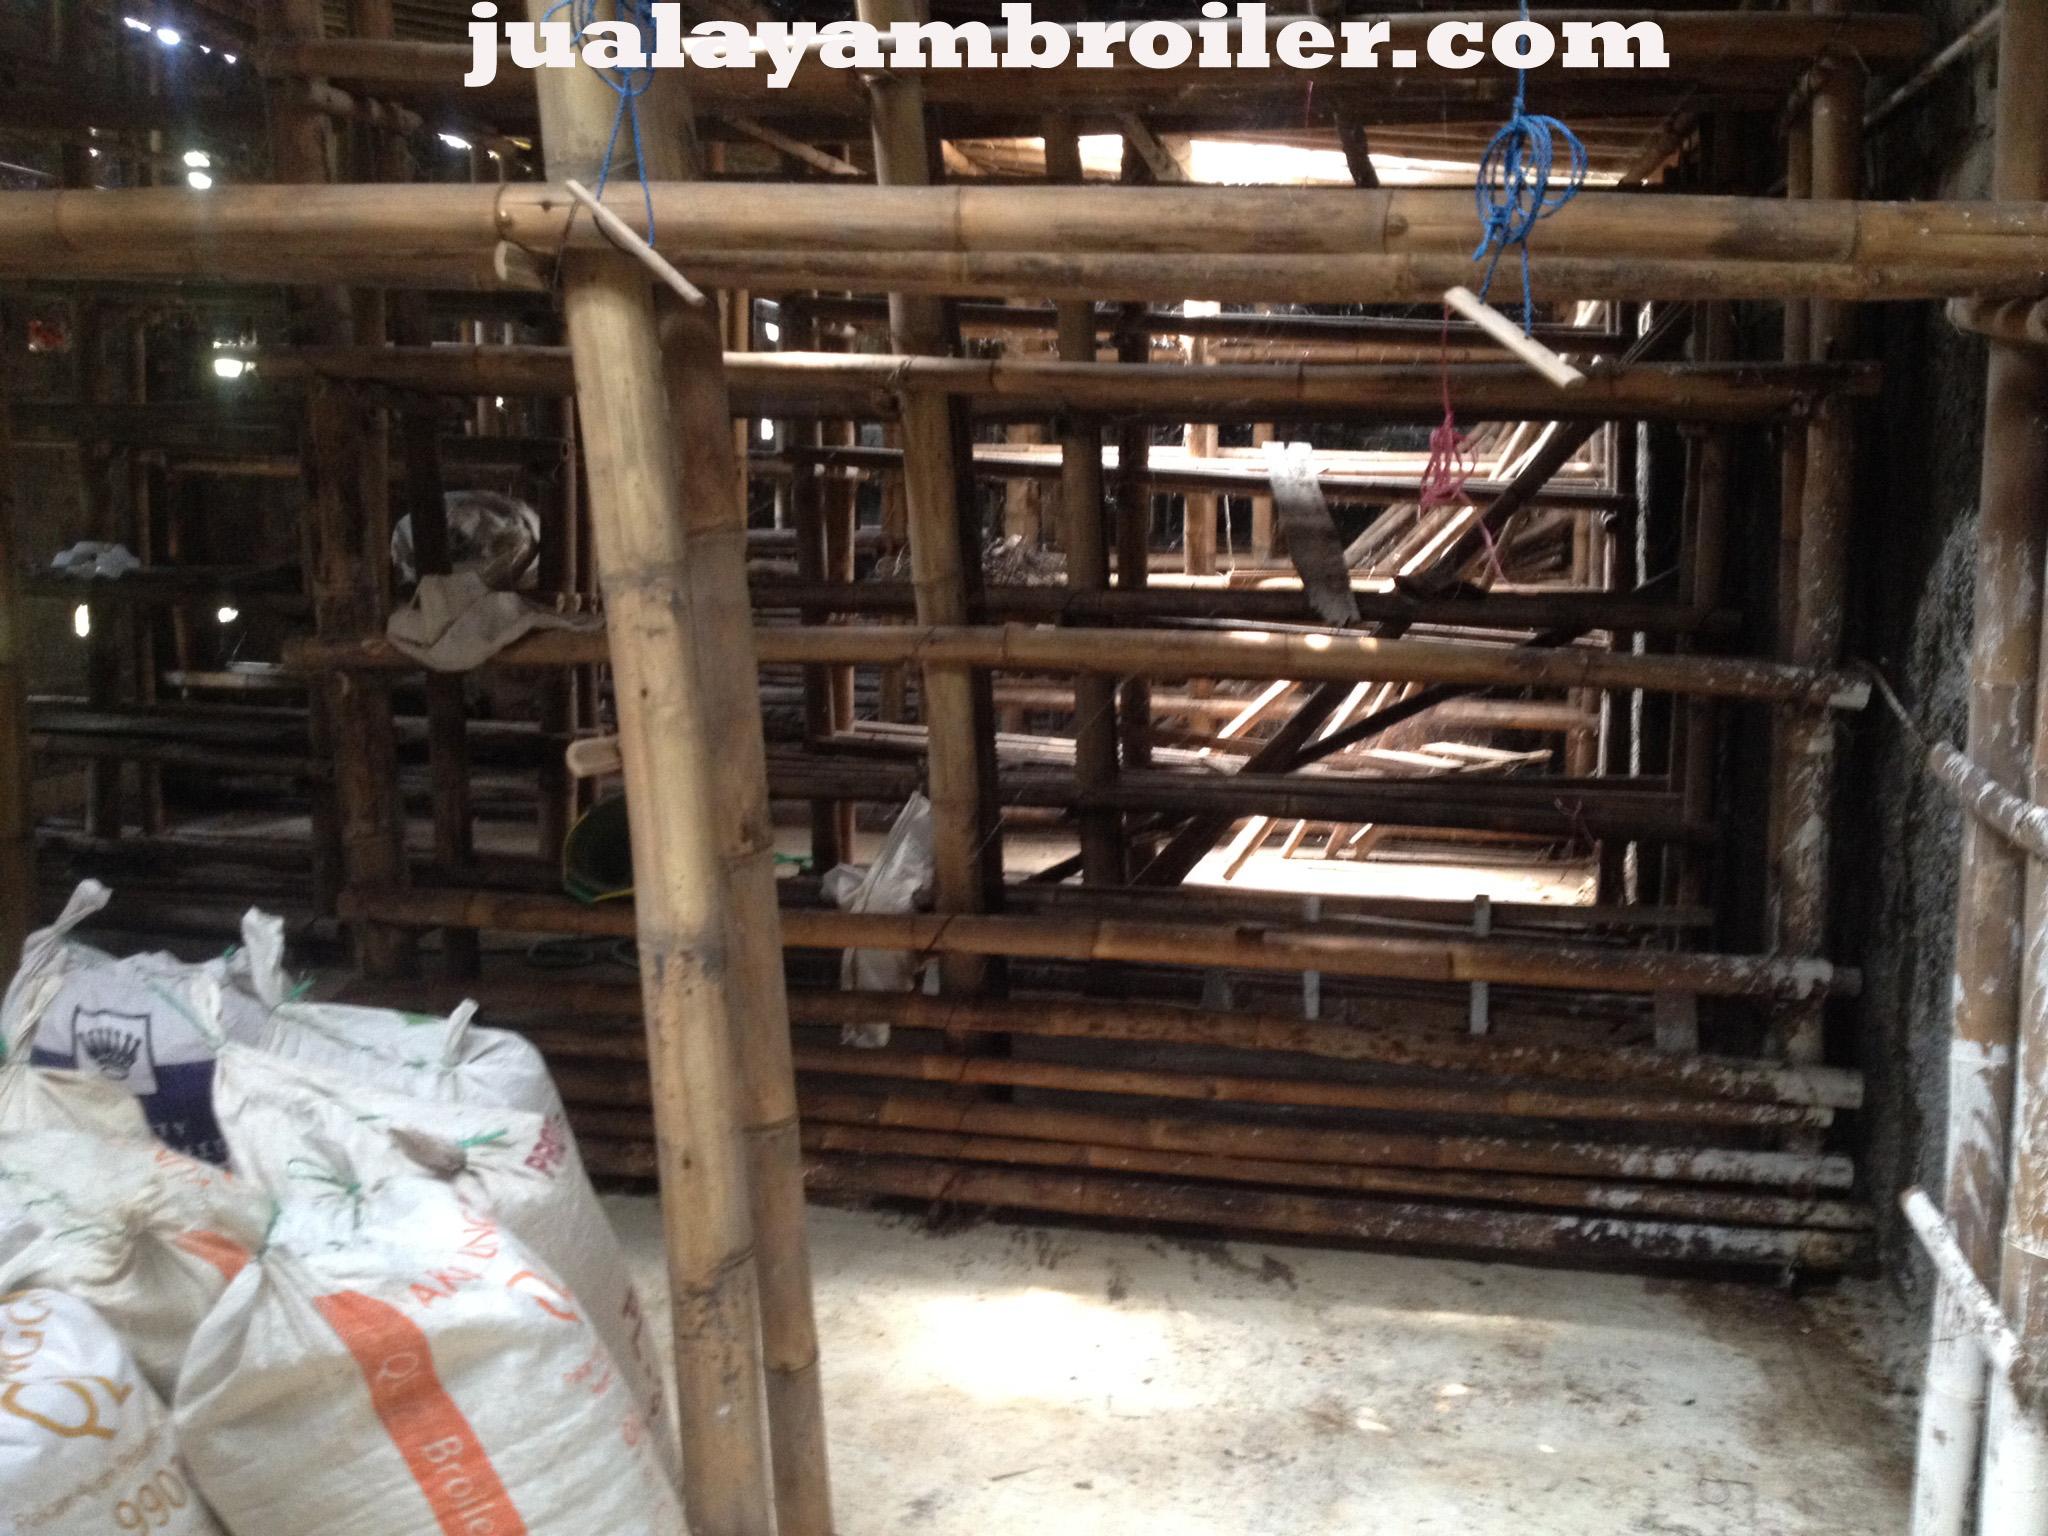 Jual Ayam Broiler di Cariu Bogor